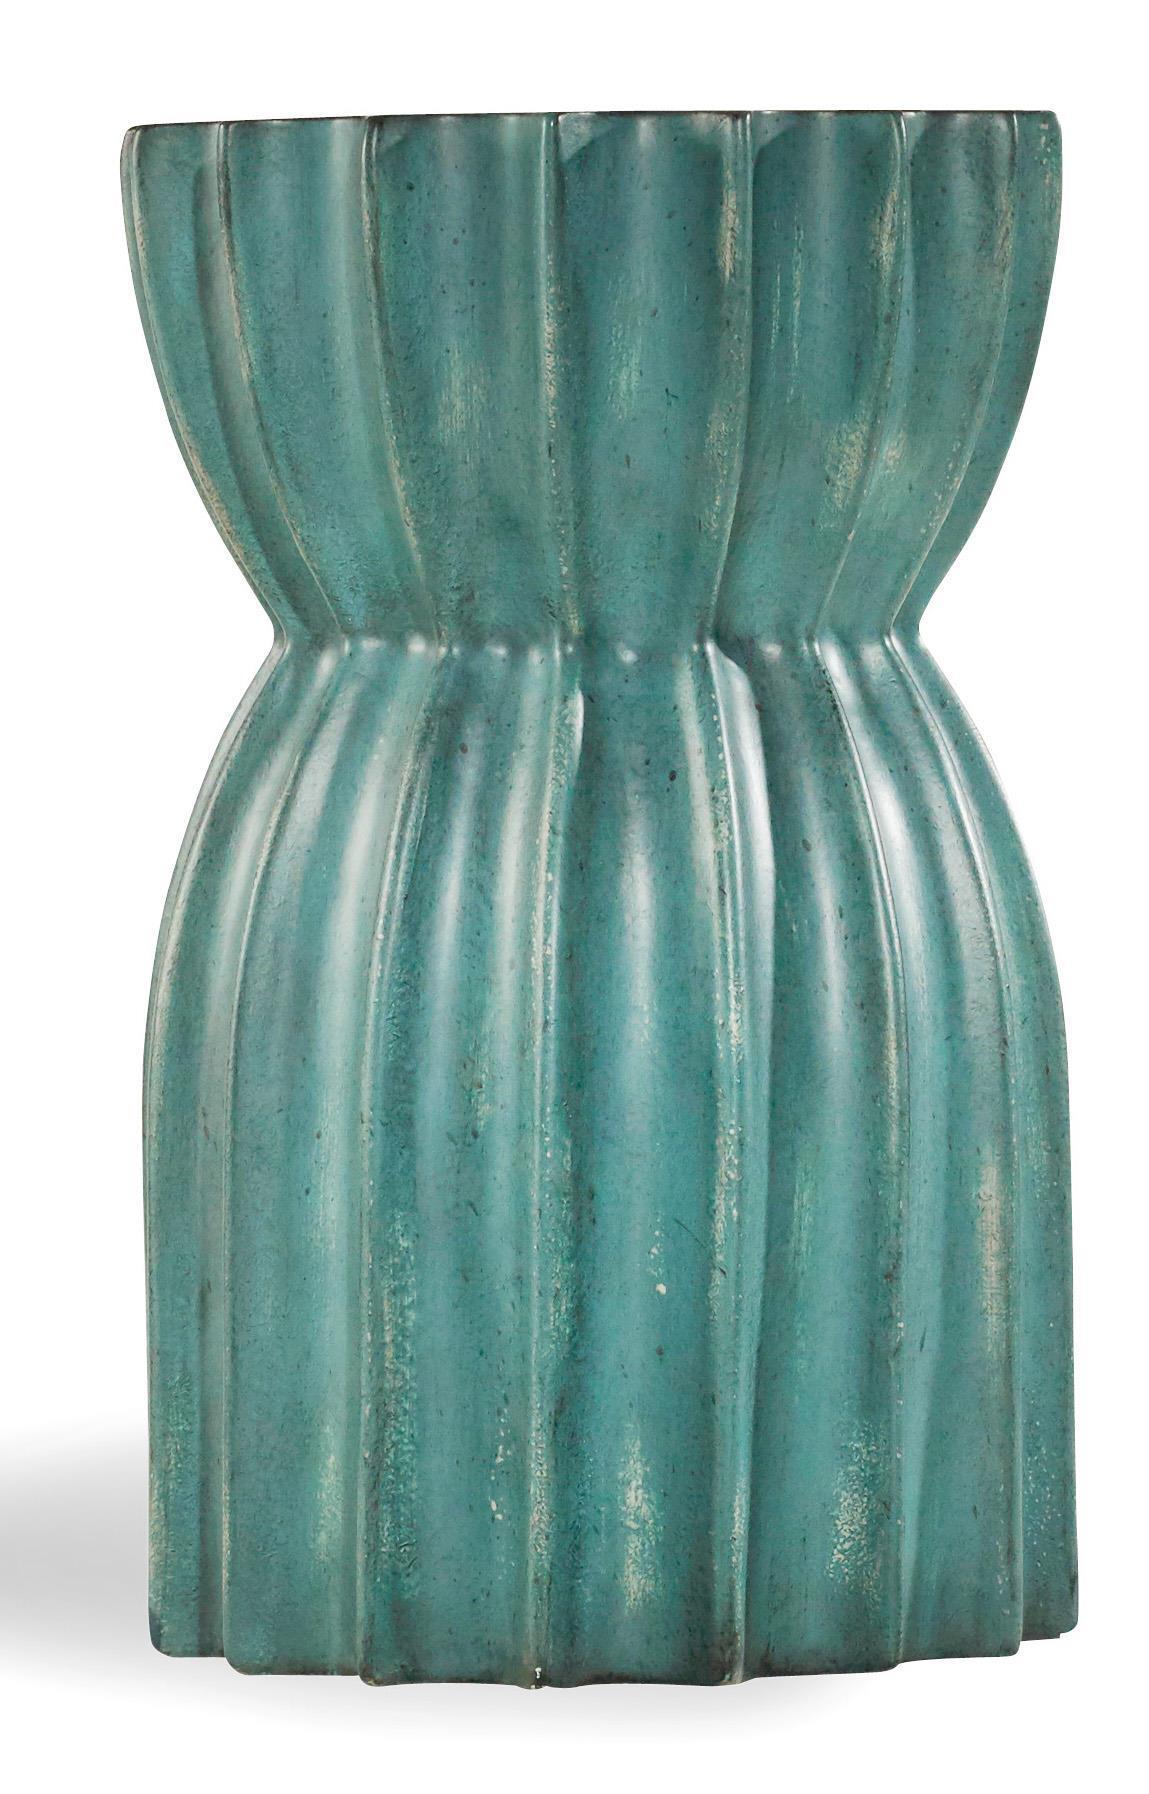 Hooker Furniture Mélange Starling Pedestal Table - Item Number: 638-50177